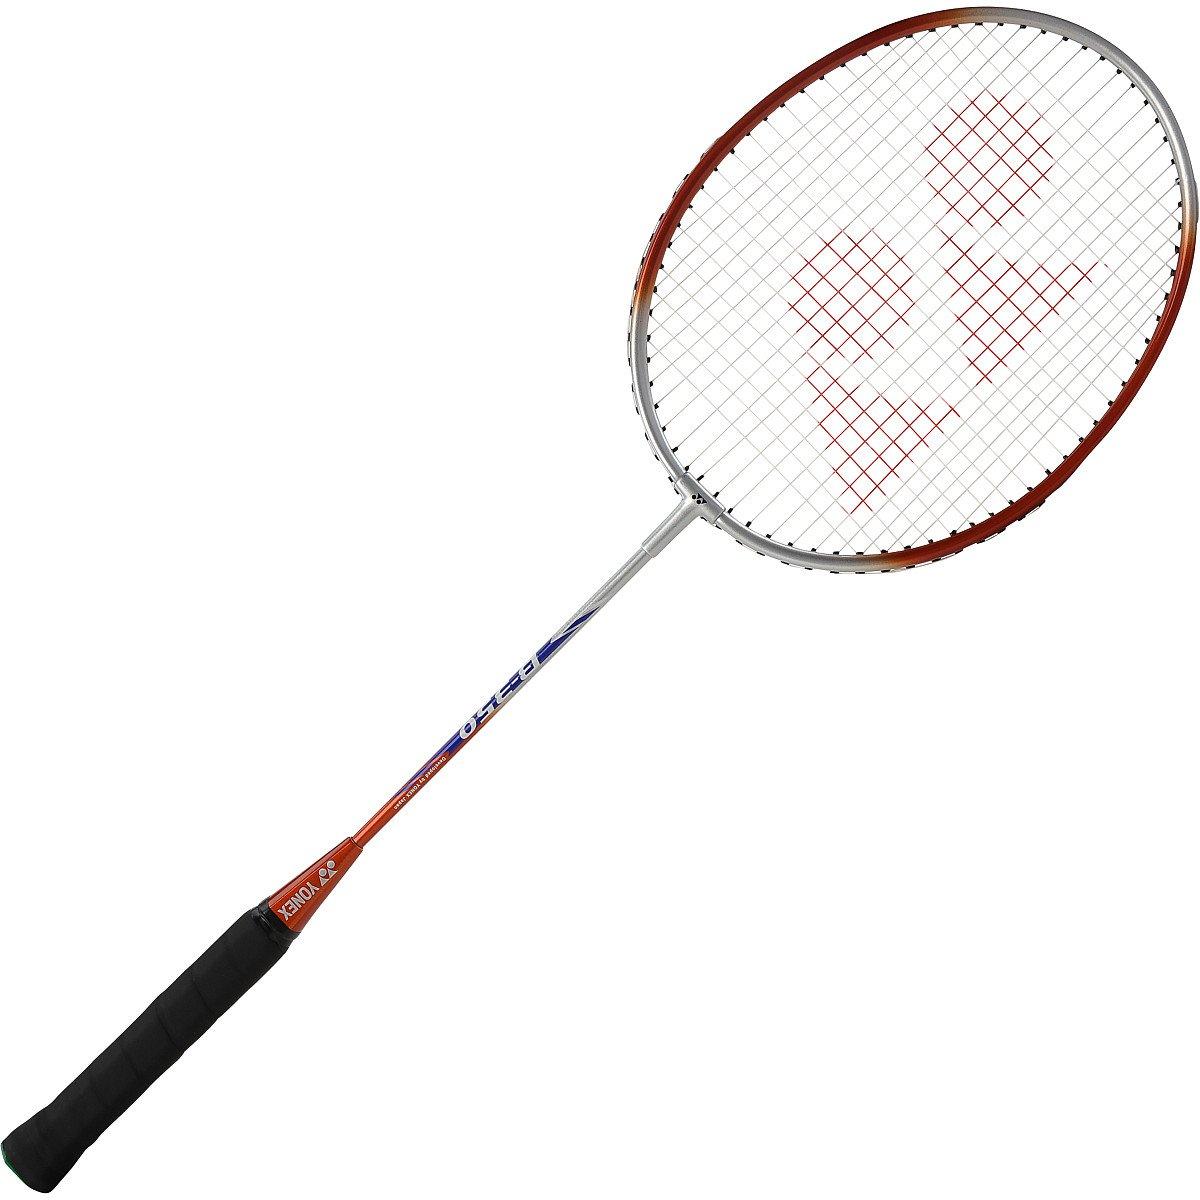 Yonex B-350 Badminton Racquet / Racket (1 Racket)